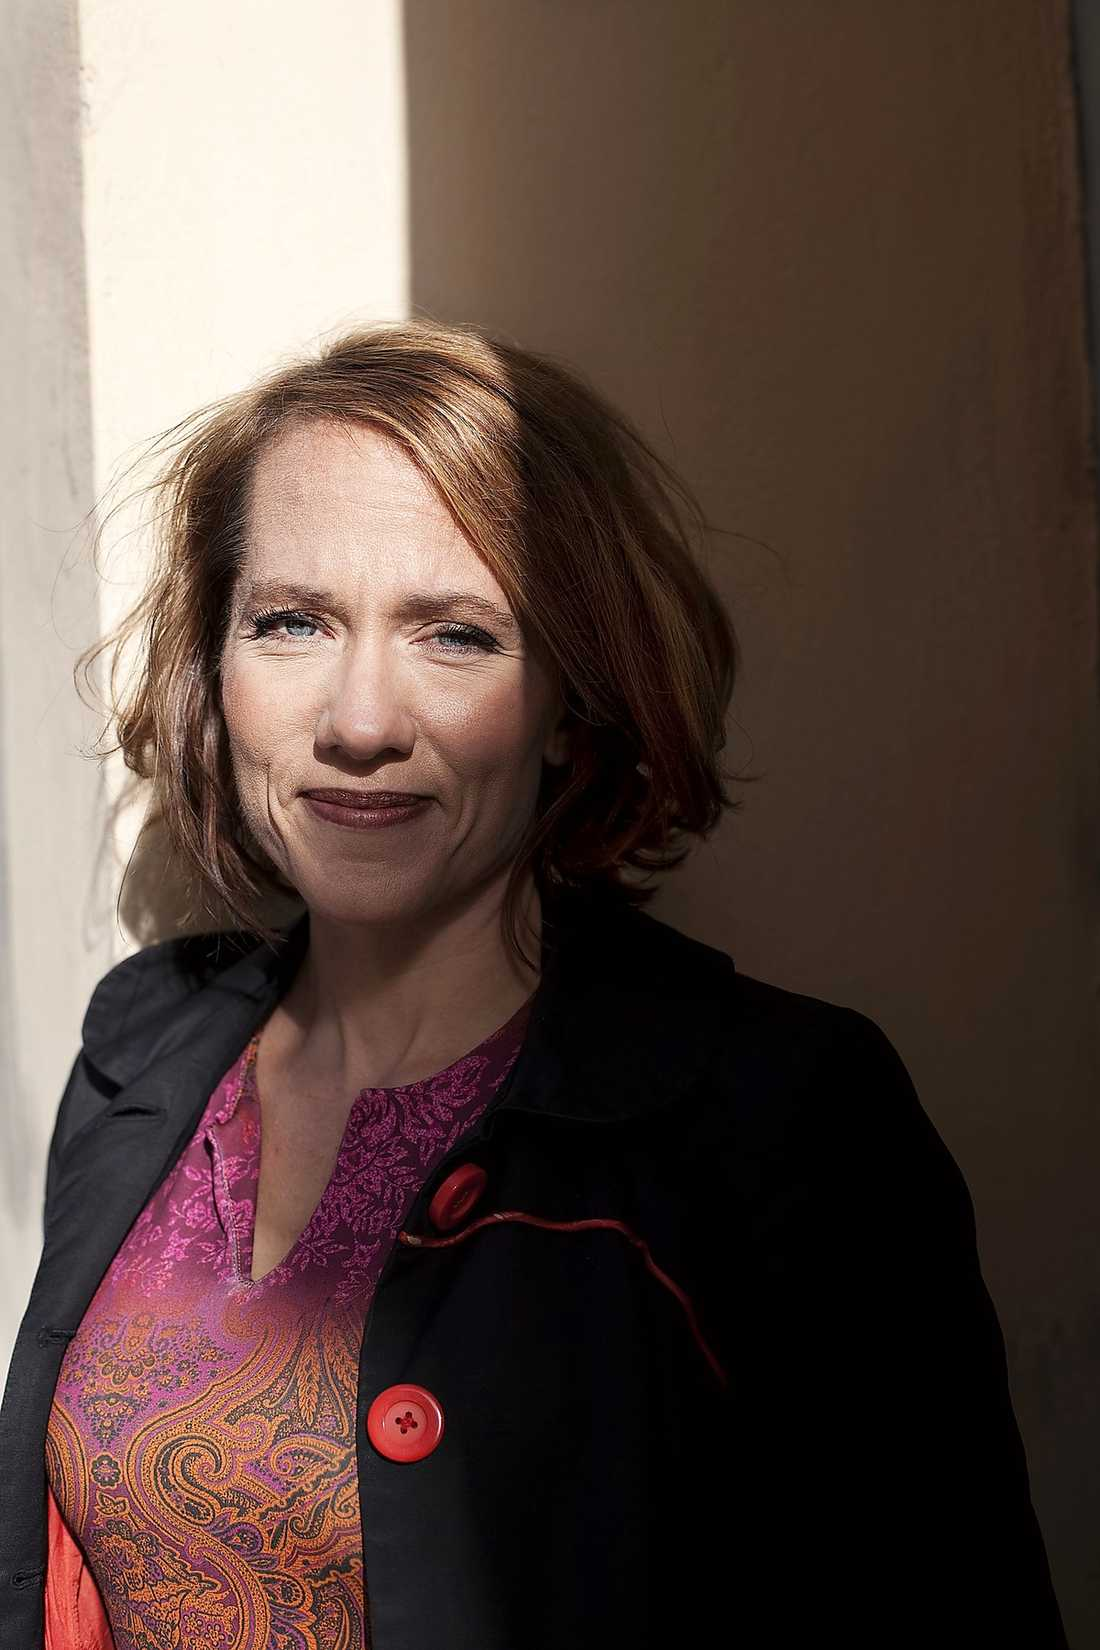 Skriver om barndomen I boken går Felicia Feldt till attack mot Anna Wahlgren och beskriver en barndom med både alkohol och misshandel.